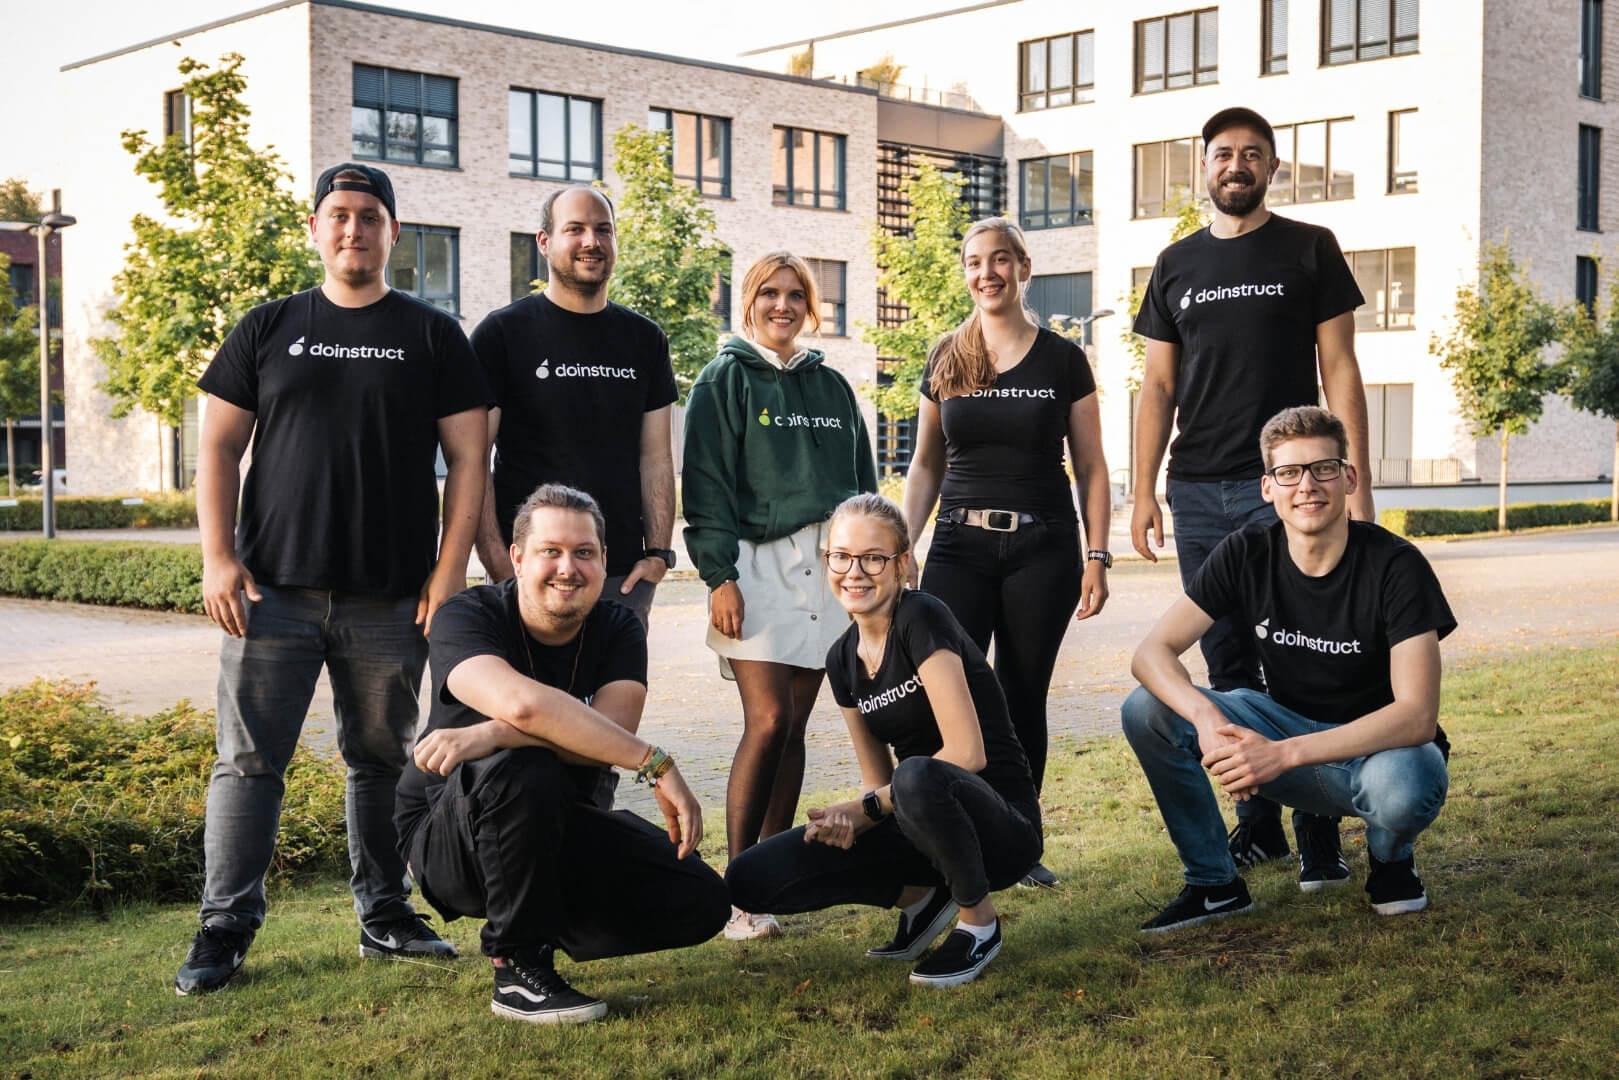 Gruppenfoto doinstruct Team